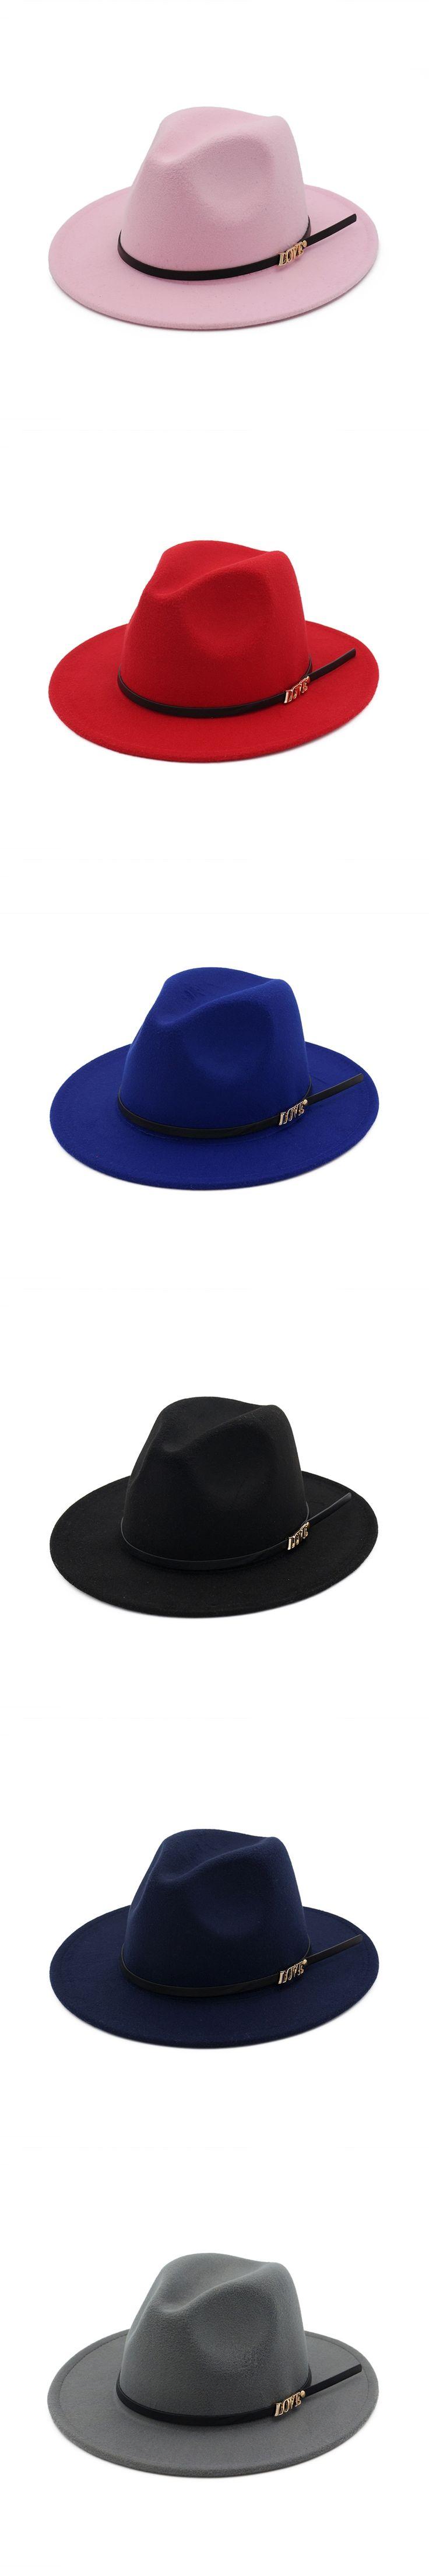 Original Unisex Structured Wool Fedora Hat For Men Lover Letter Female Woolen Women Jazz Hat